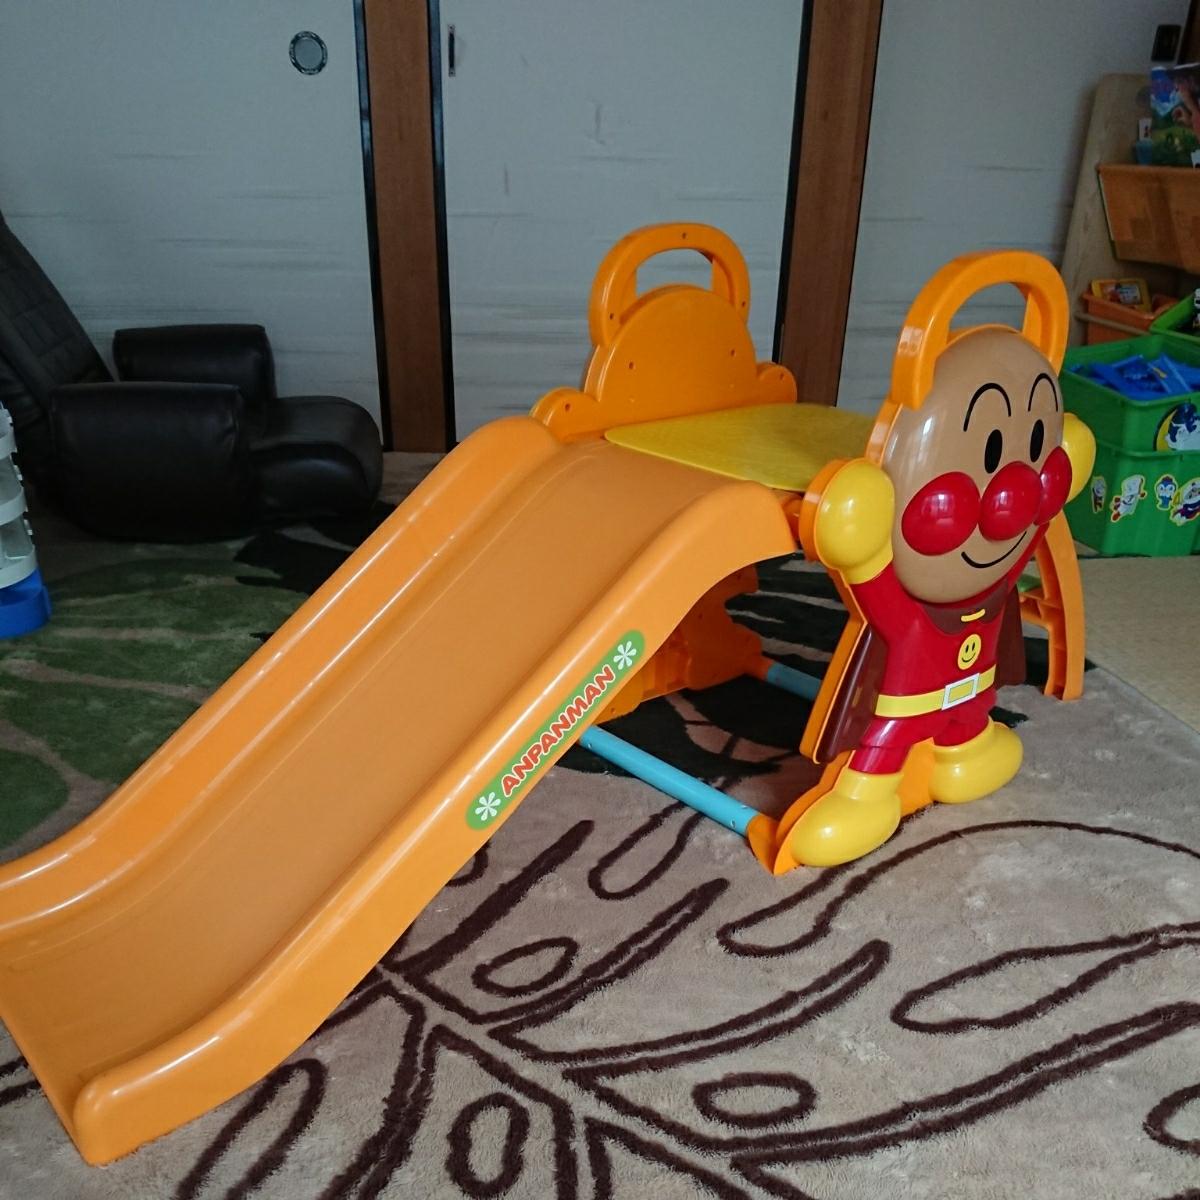 アンパンマン 滑り台 ピッピッ すべり台 キッズ 子ども 幼児 室内使用